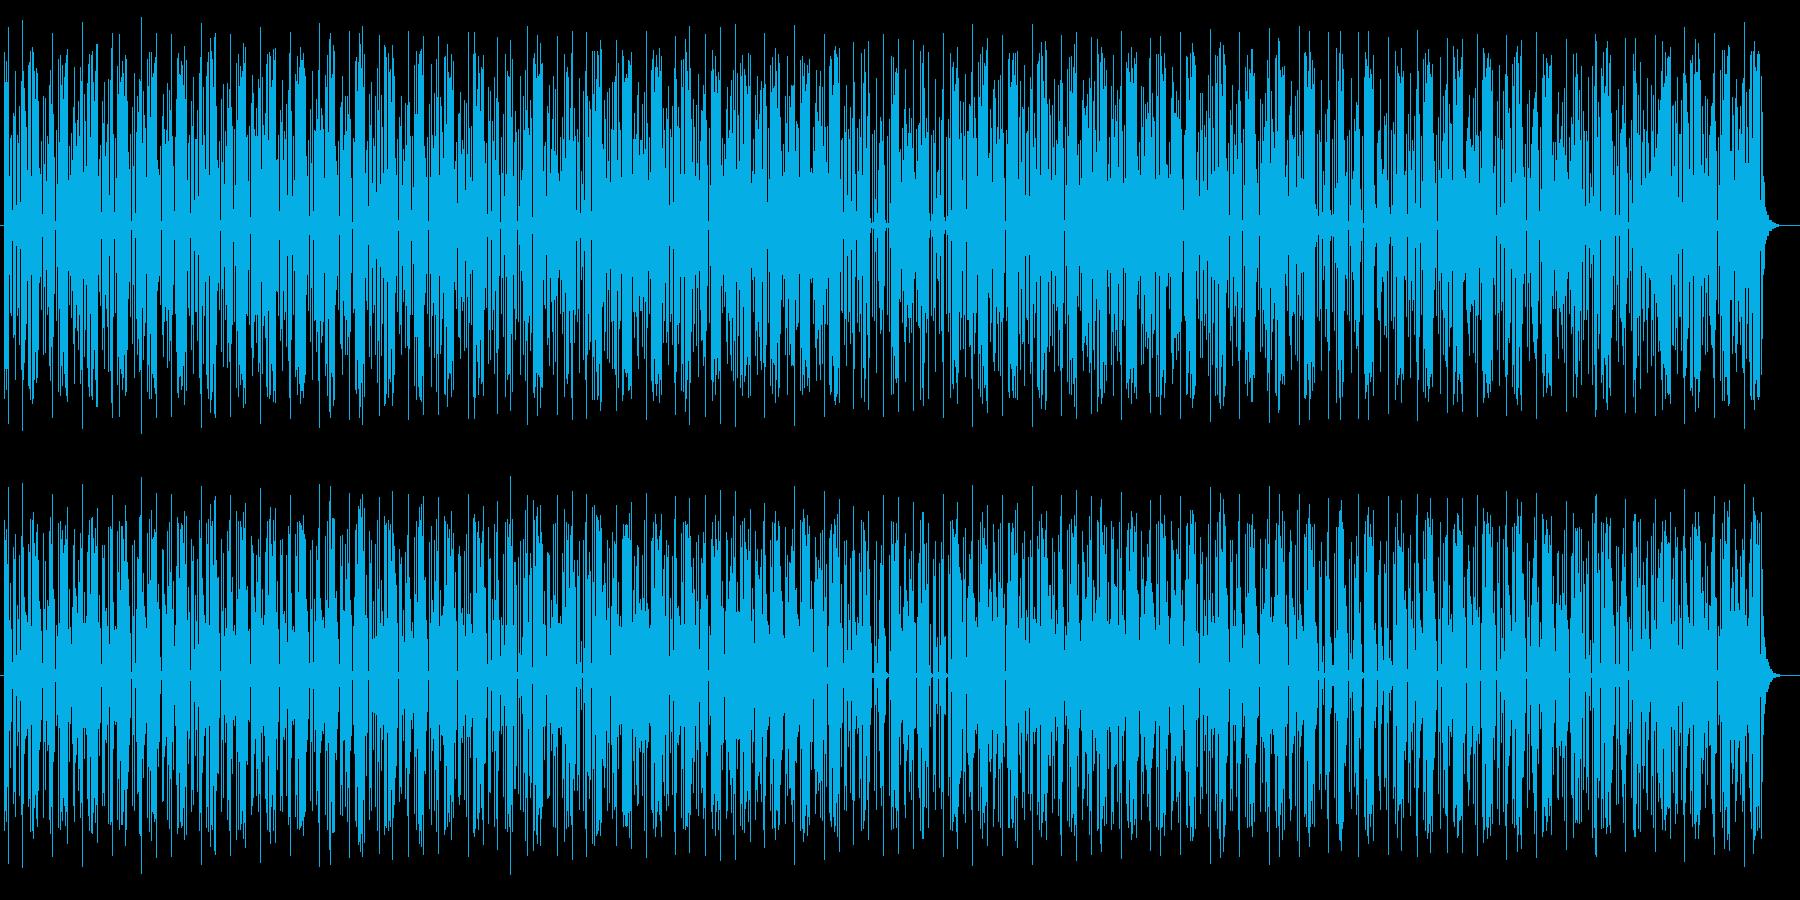 リズムよく軽快なミュージックの再生済みの波形